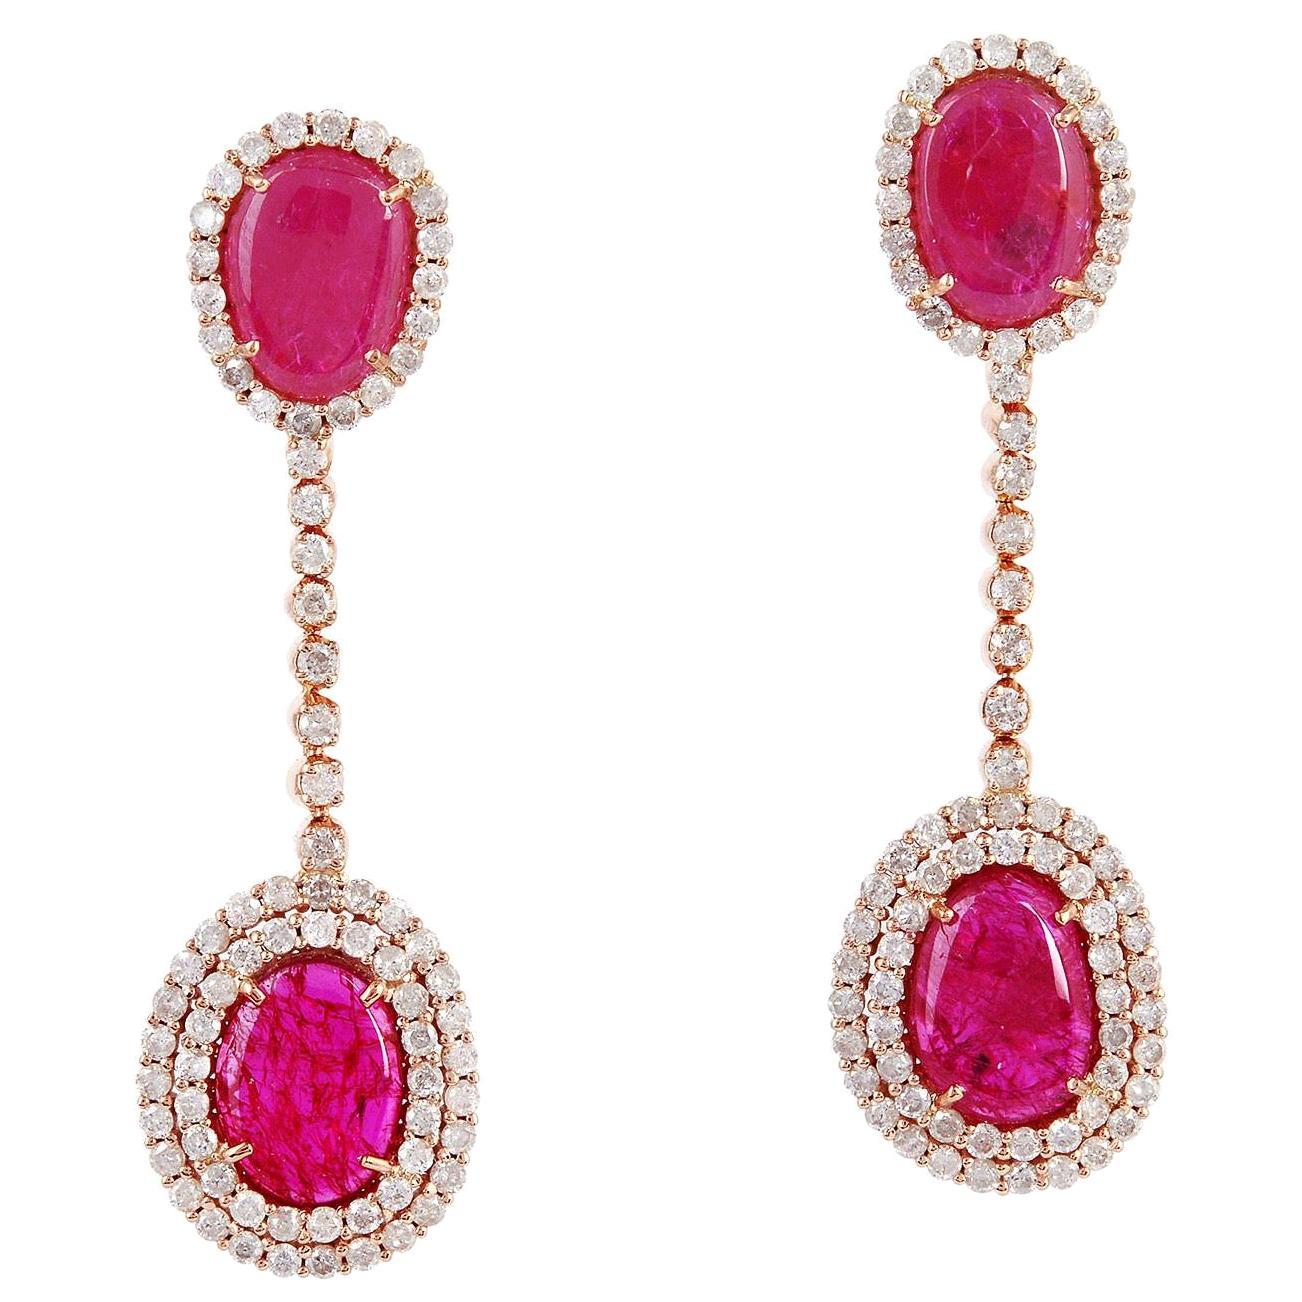 7.23 Carat Ruby Diamond 18 Karat Gold Chain Drop Earrings